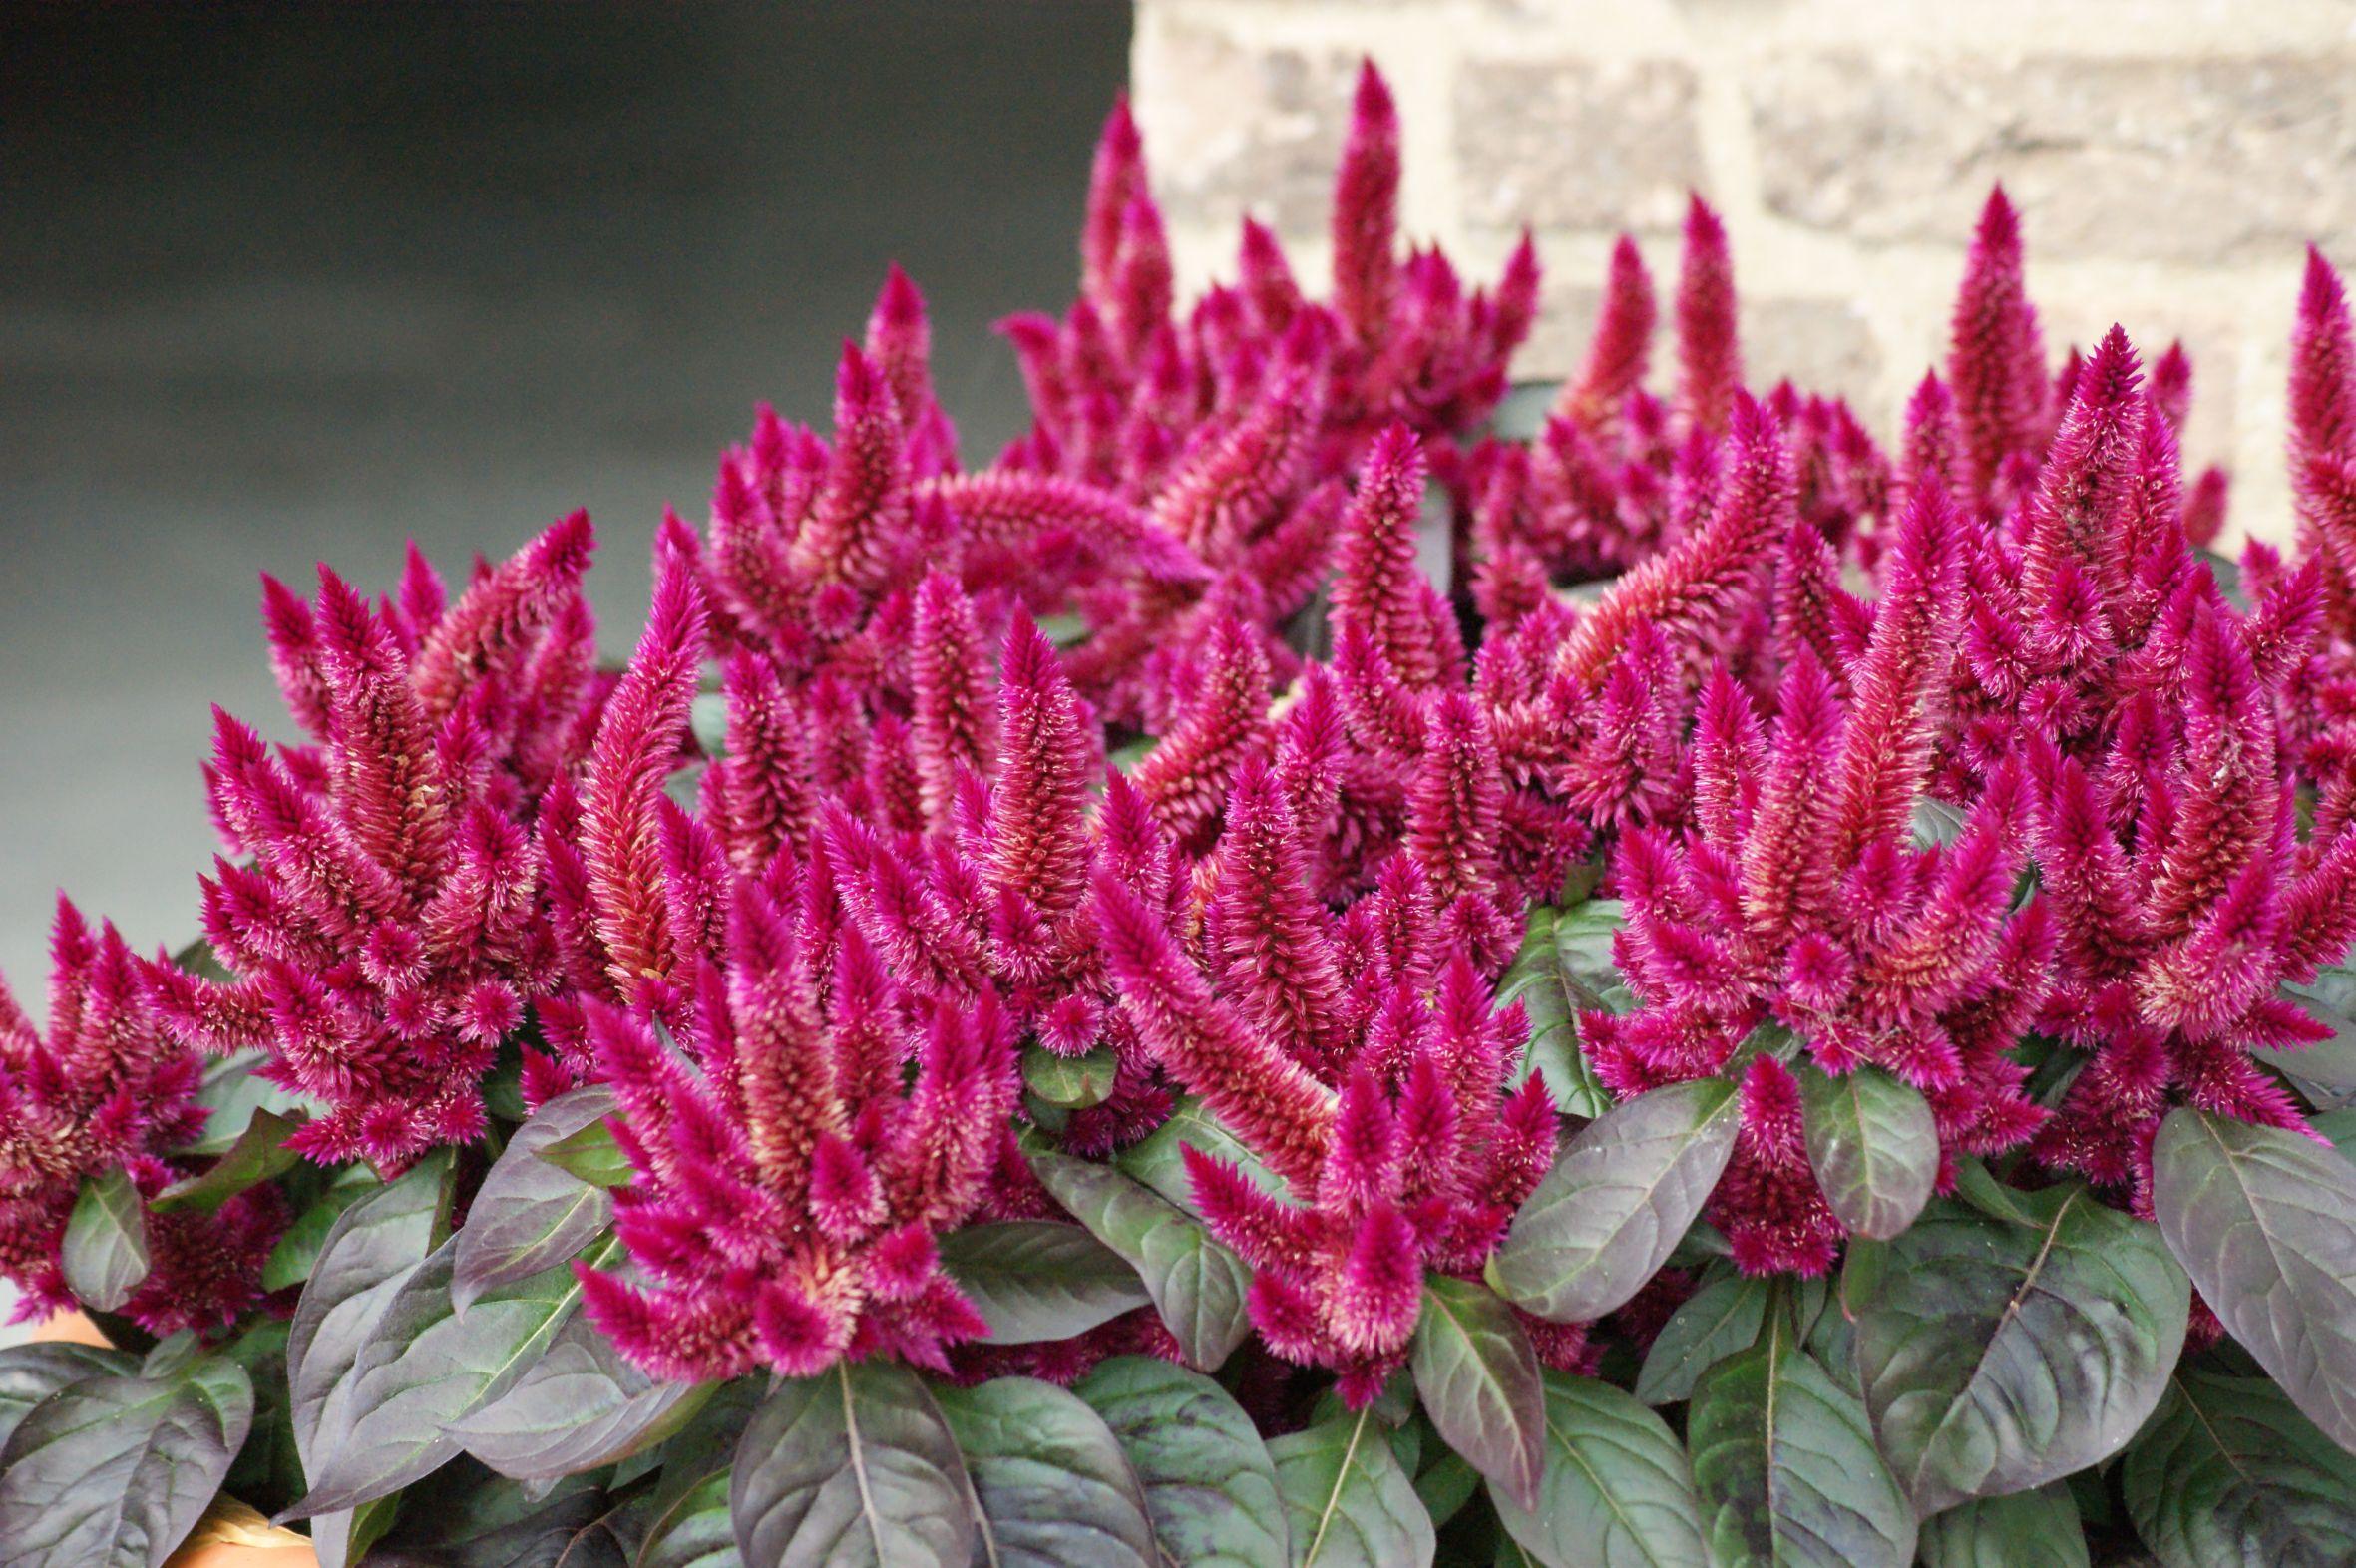 Federbüschel und Hahnenkamm – Celosien-Blüten sehen spektakulär aus